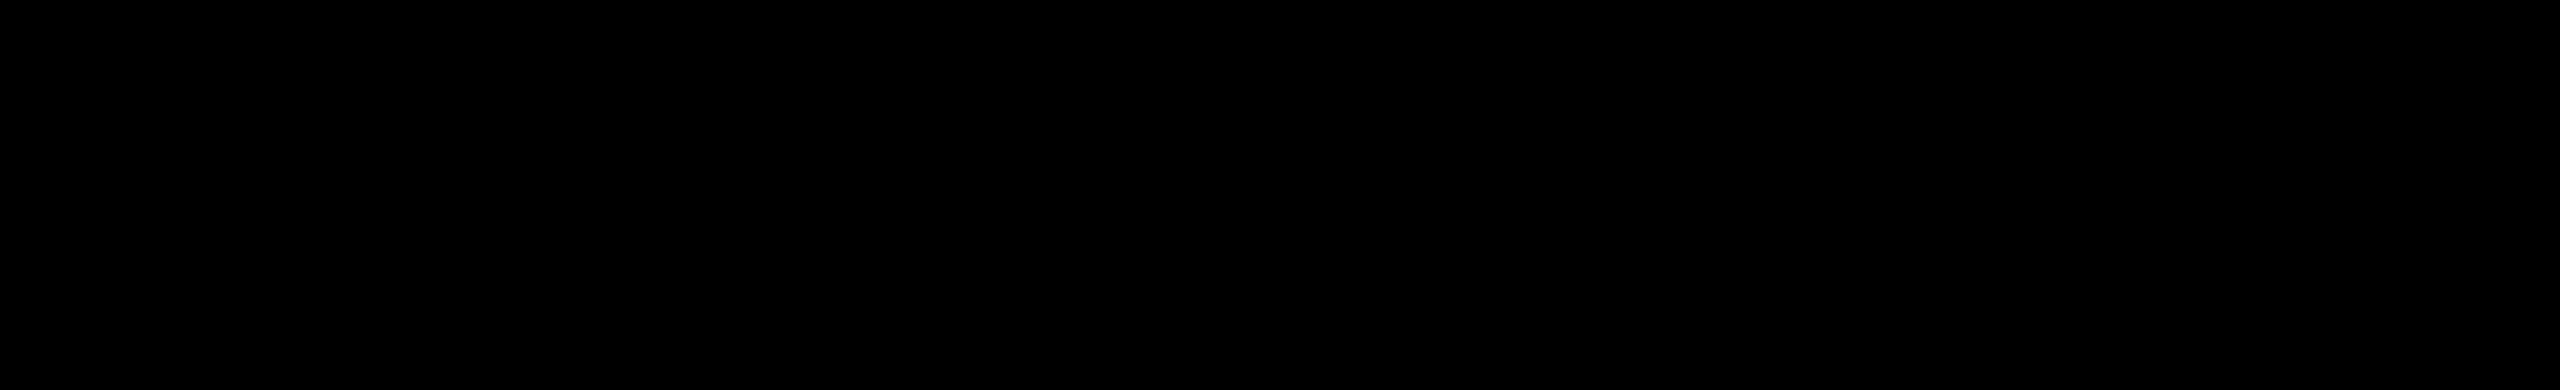 GGNTKT Logo